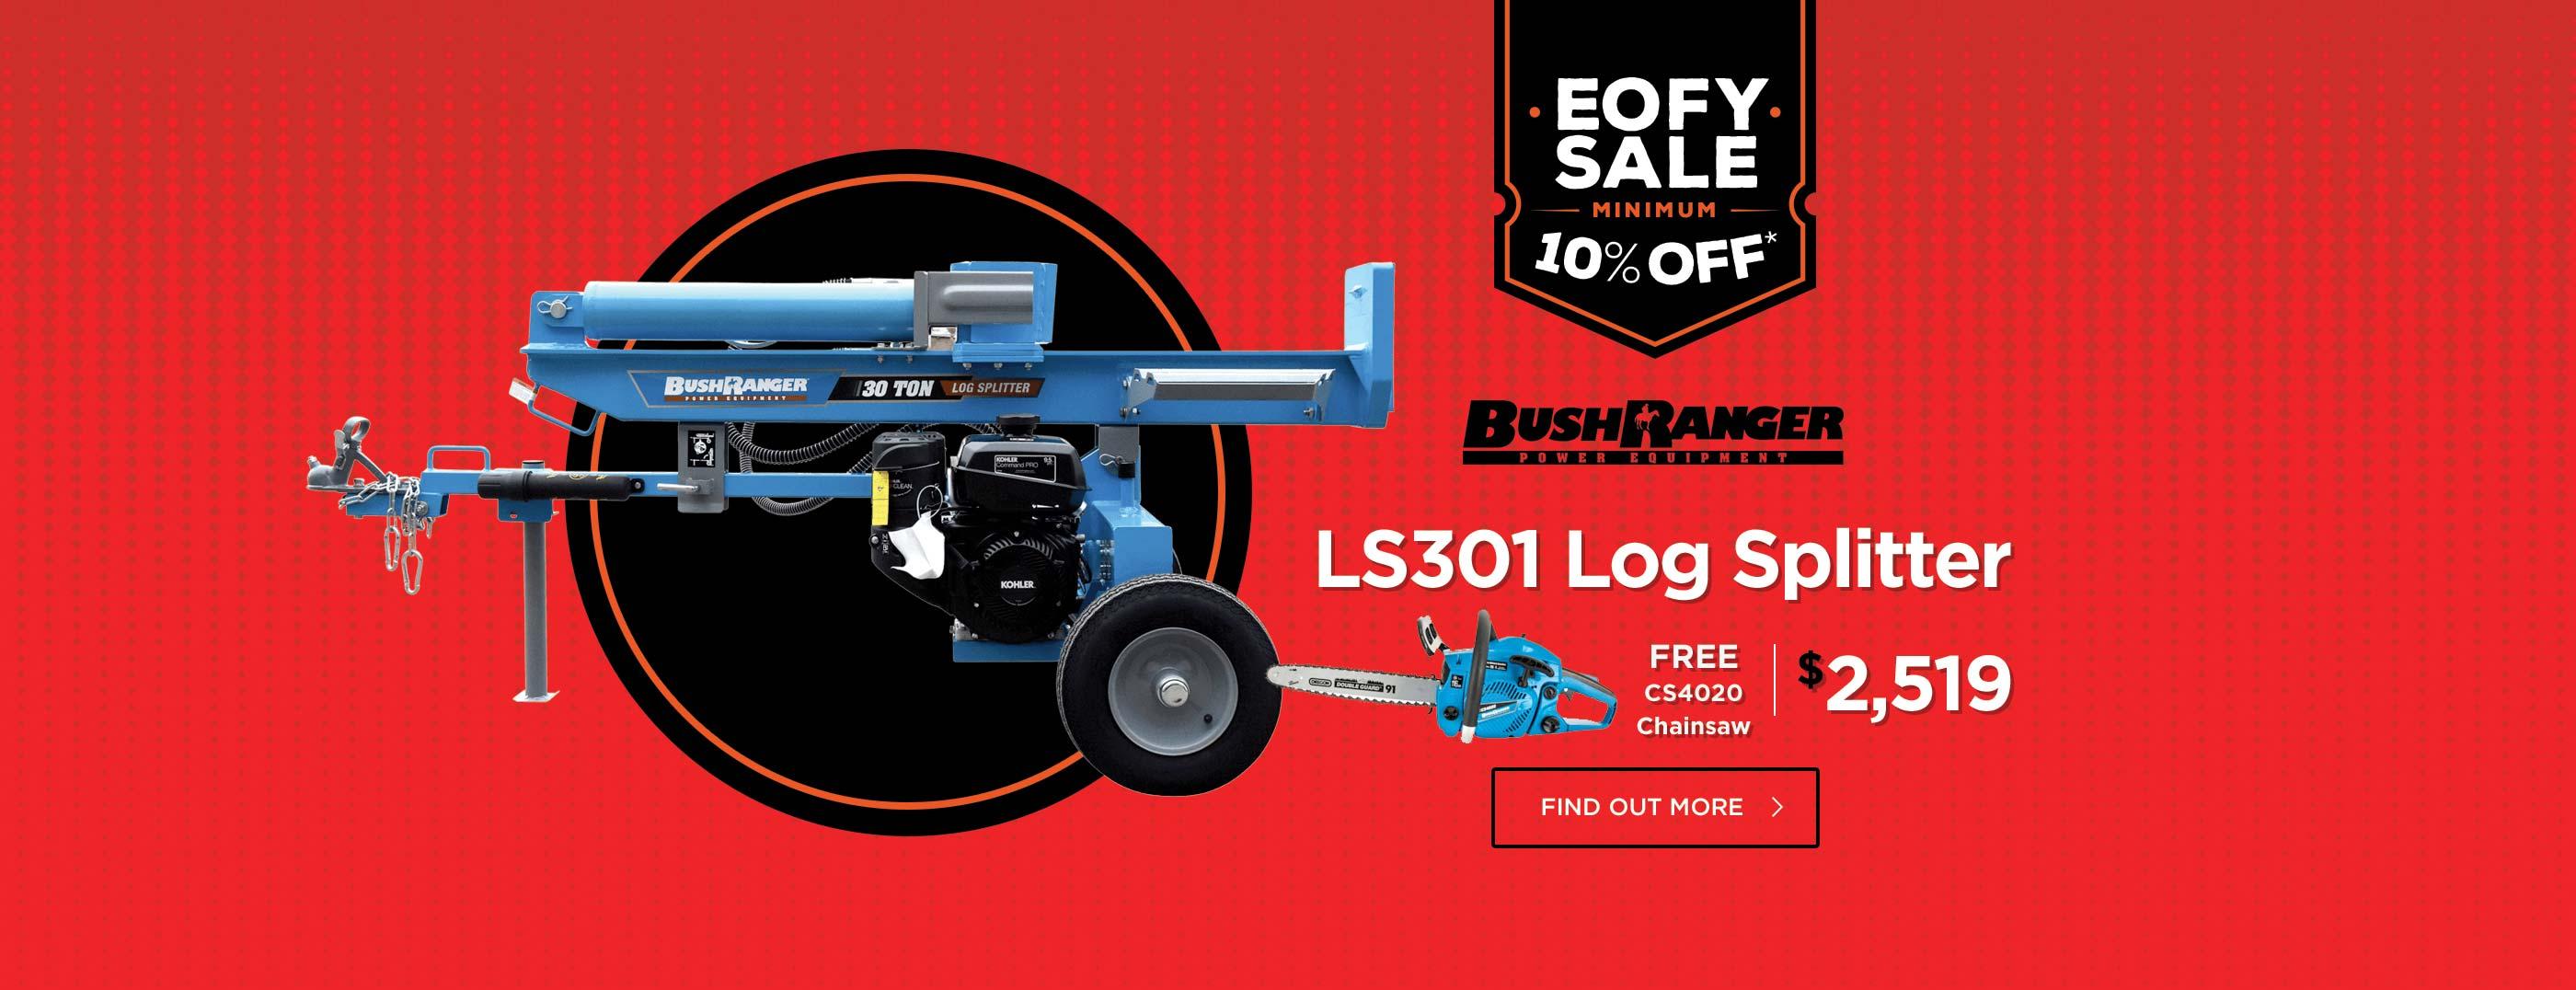 BushRanger 30 Ton Log Splitter with Bonus Chainsaw now only $2,519!